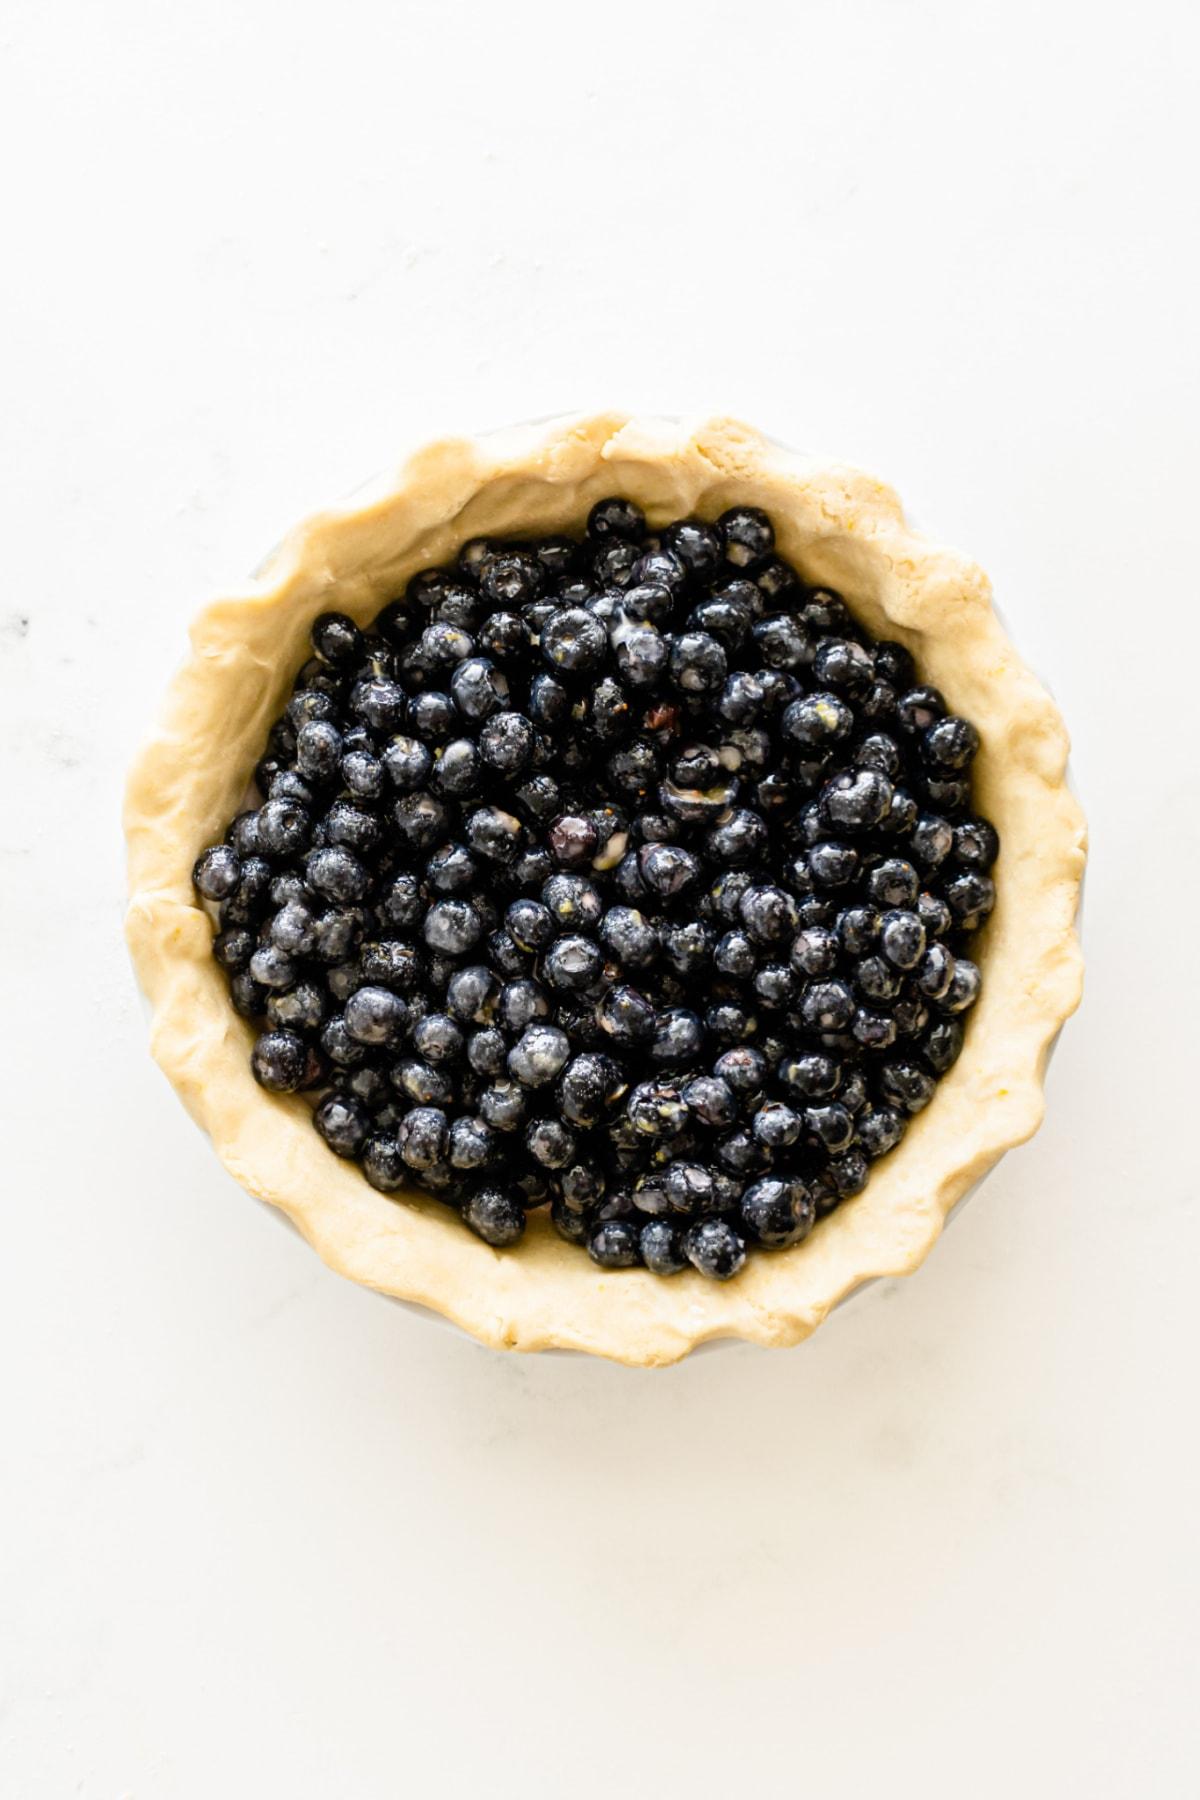 Blueberry pie mixture in pie pan